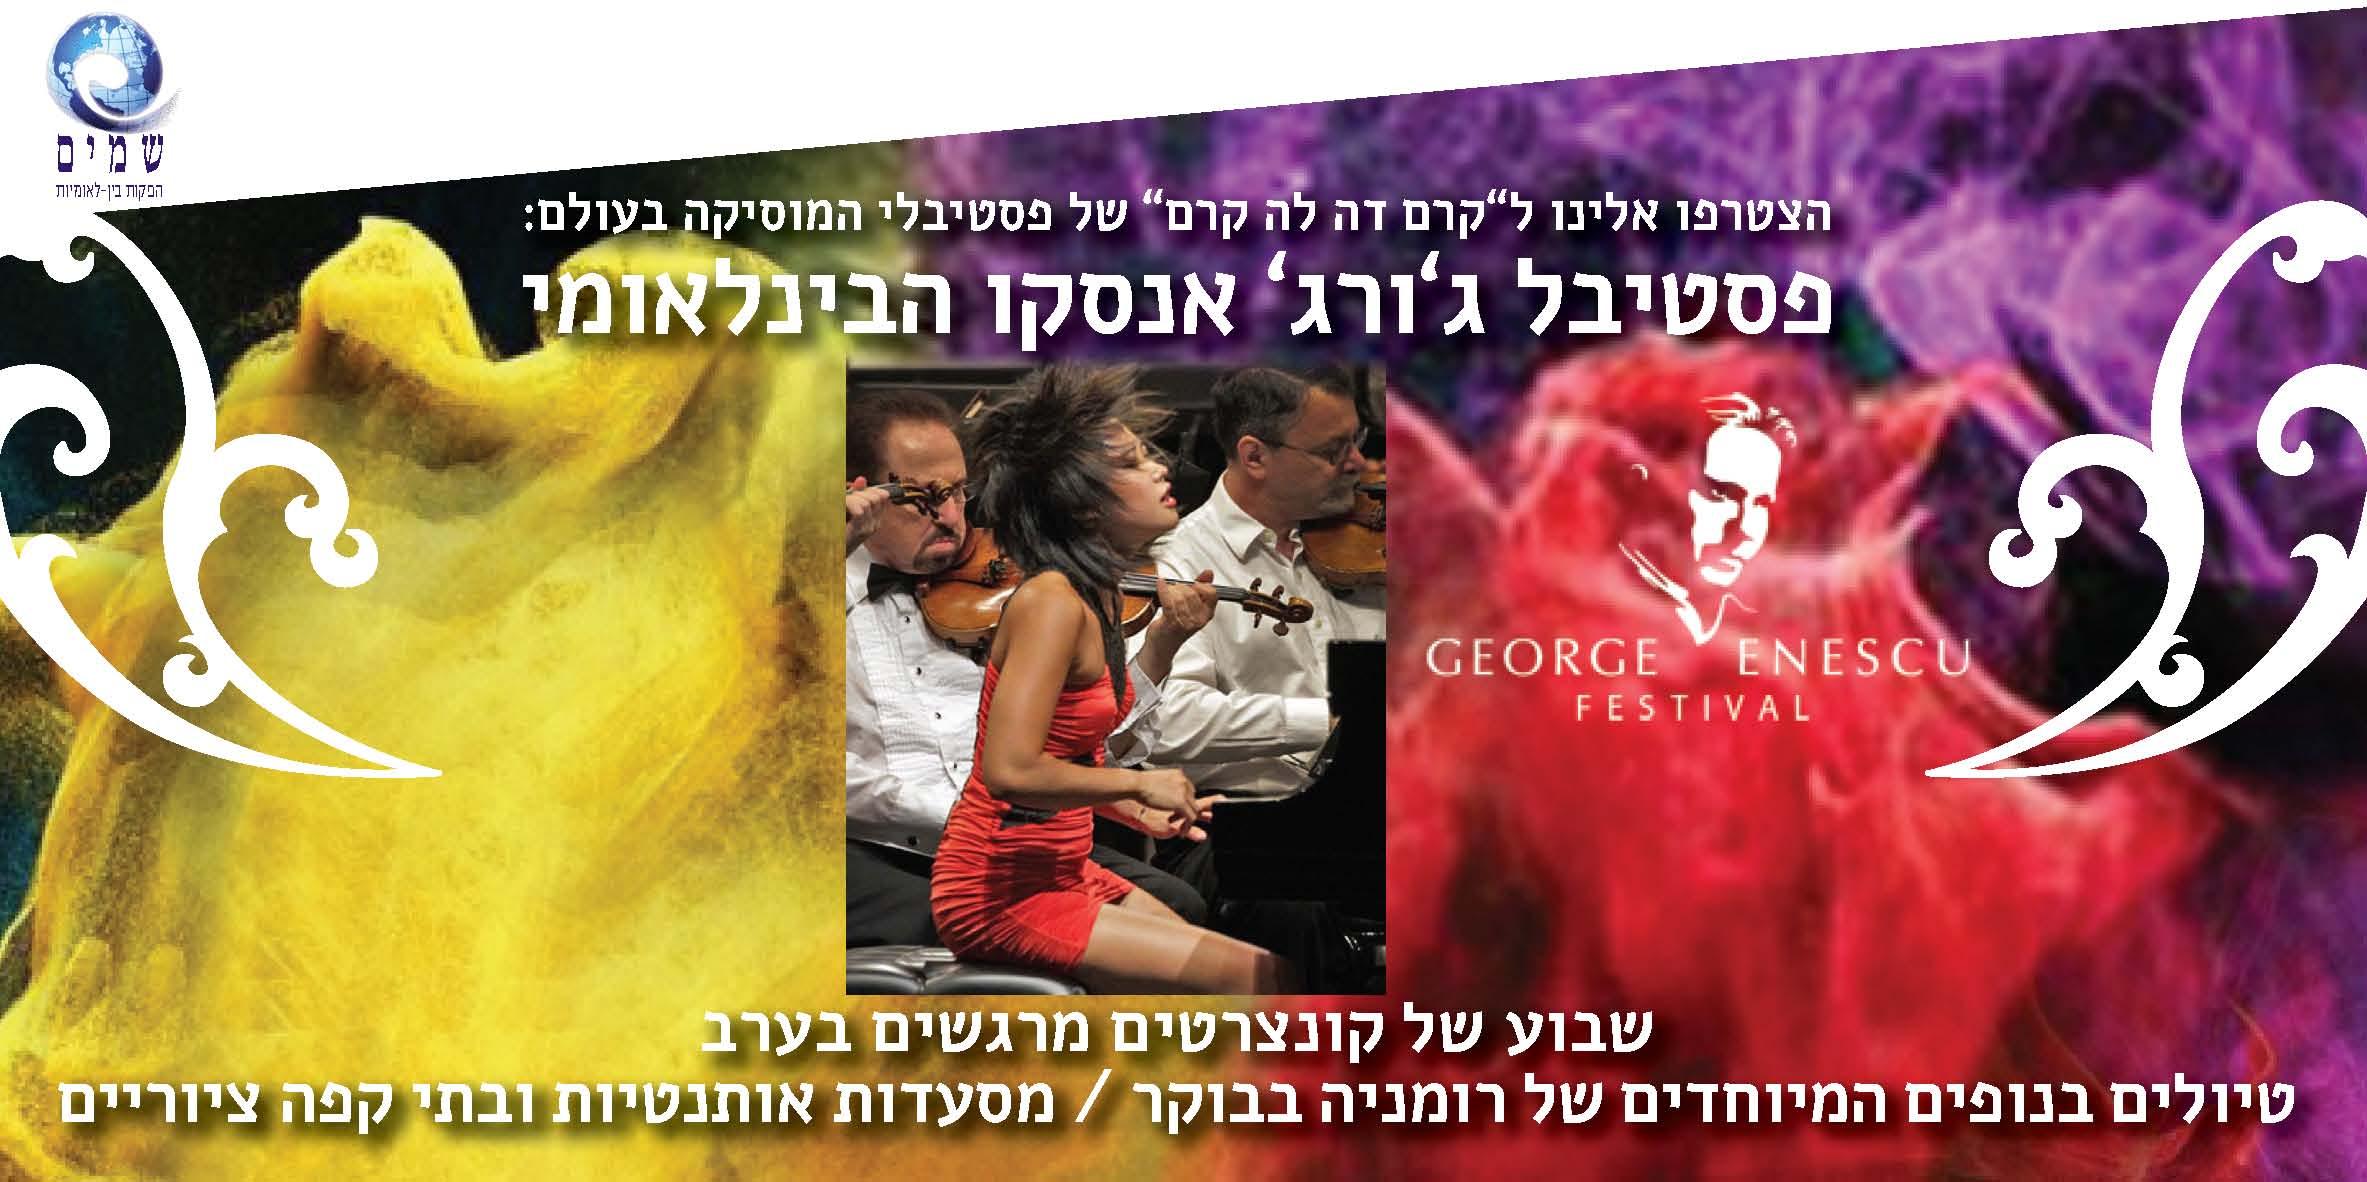 פסטיבל אנסקו למוסיקה הקלאסית הטוב בעולם